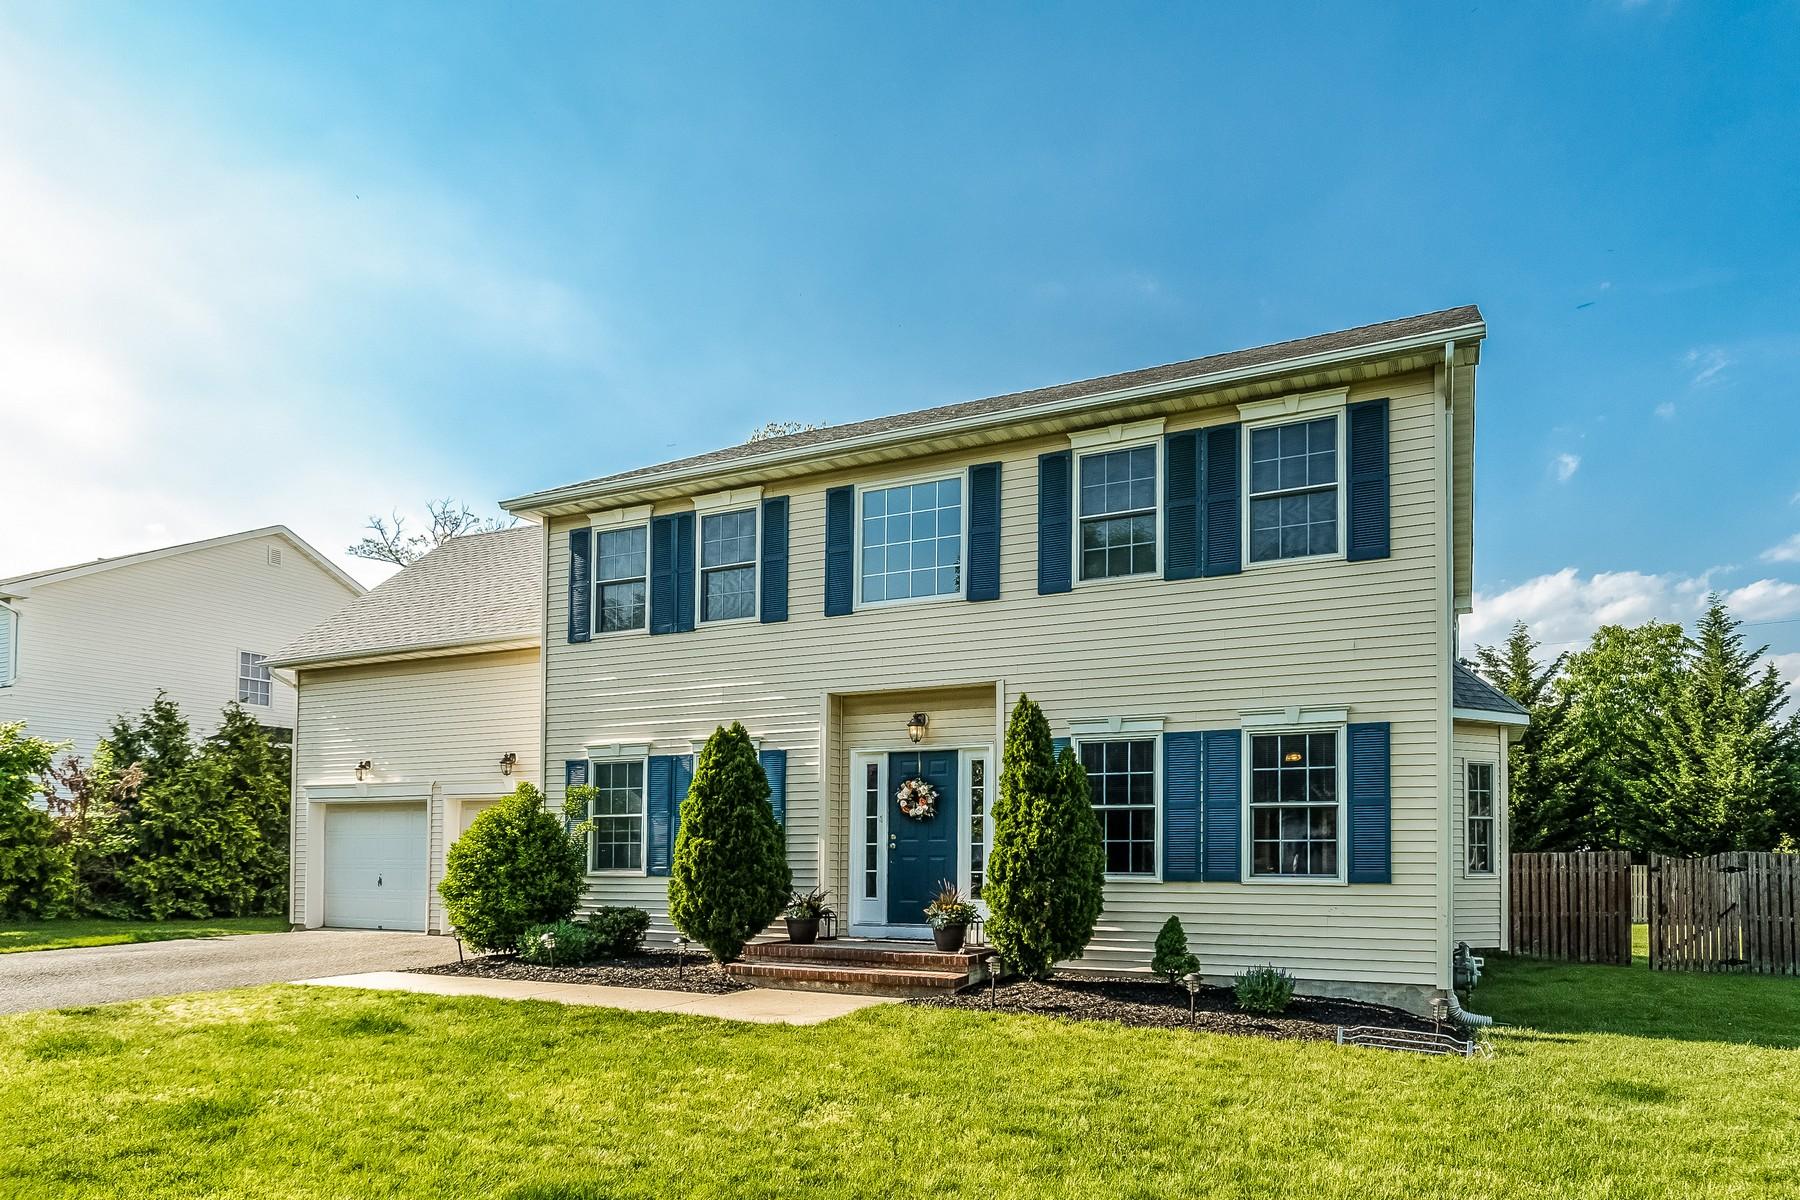 独户住宅 为 销售 在 2 Marilyn Court 伊顿敦, 新泽西州 07724 美国